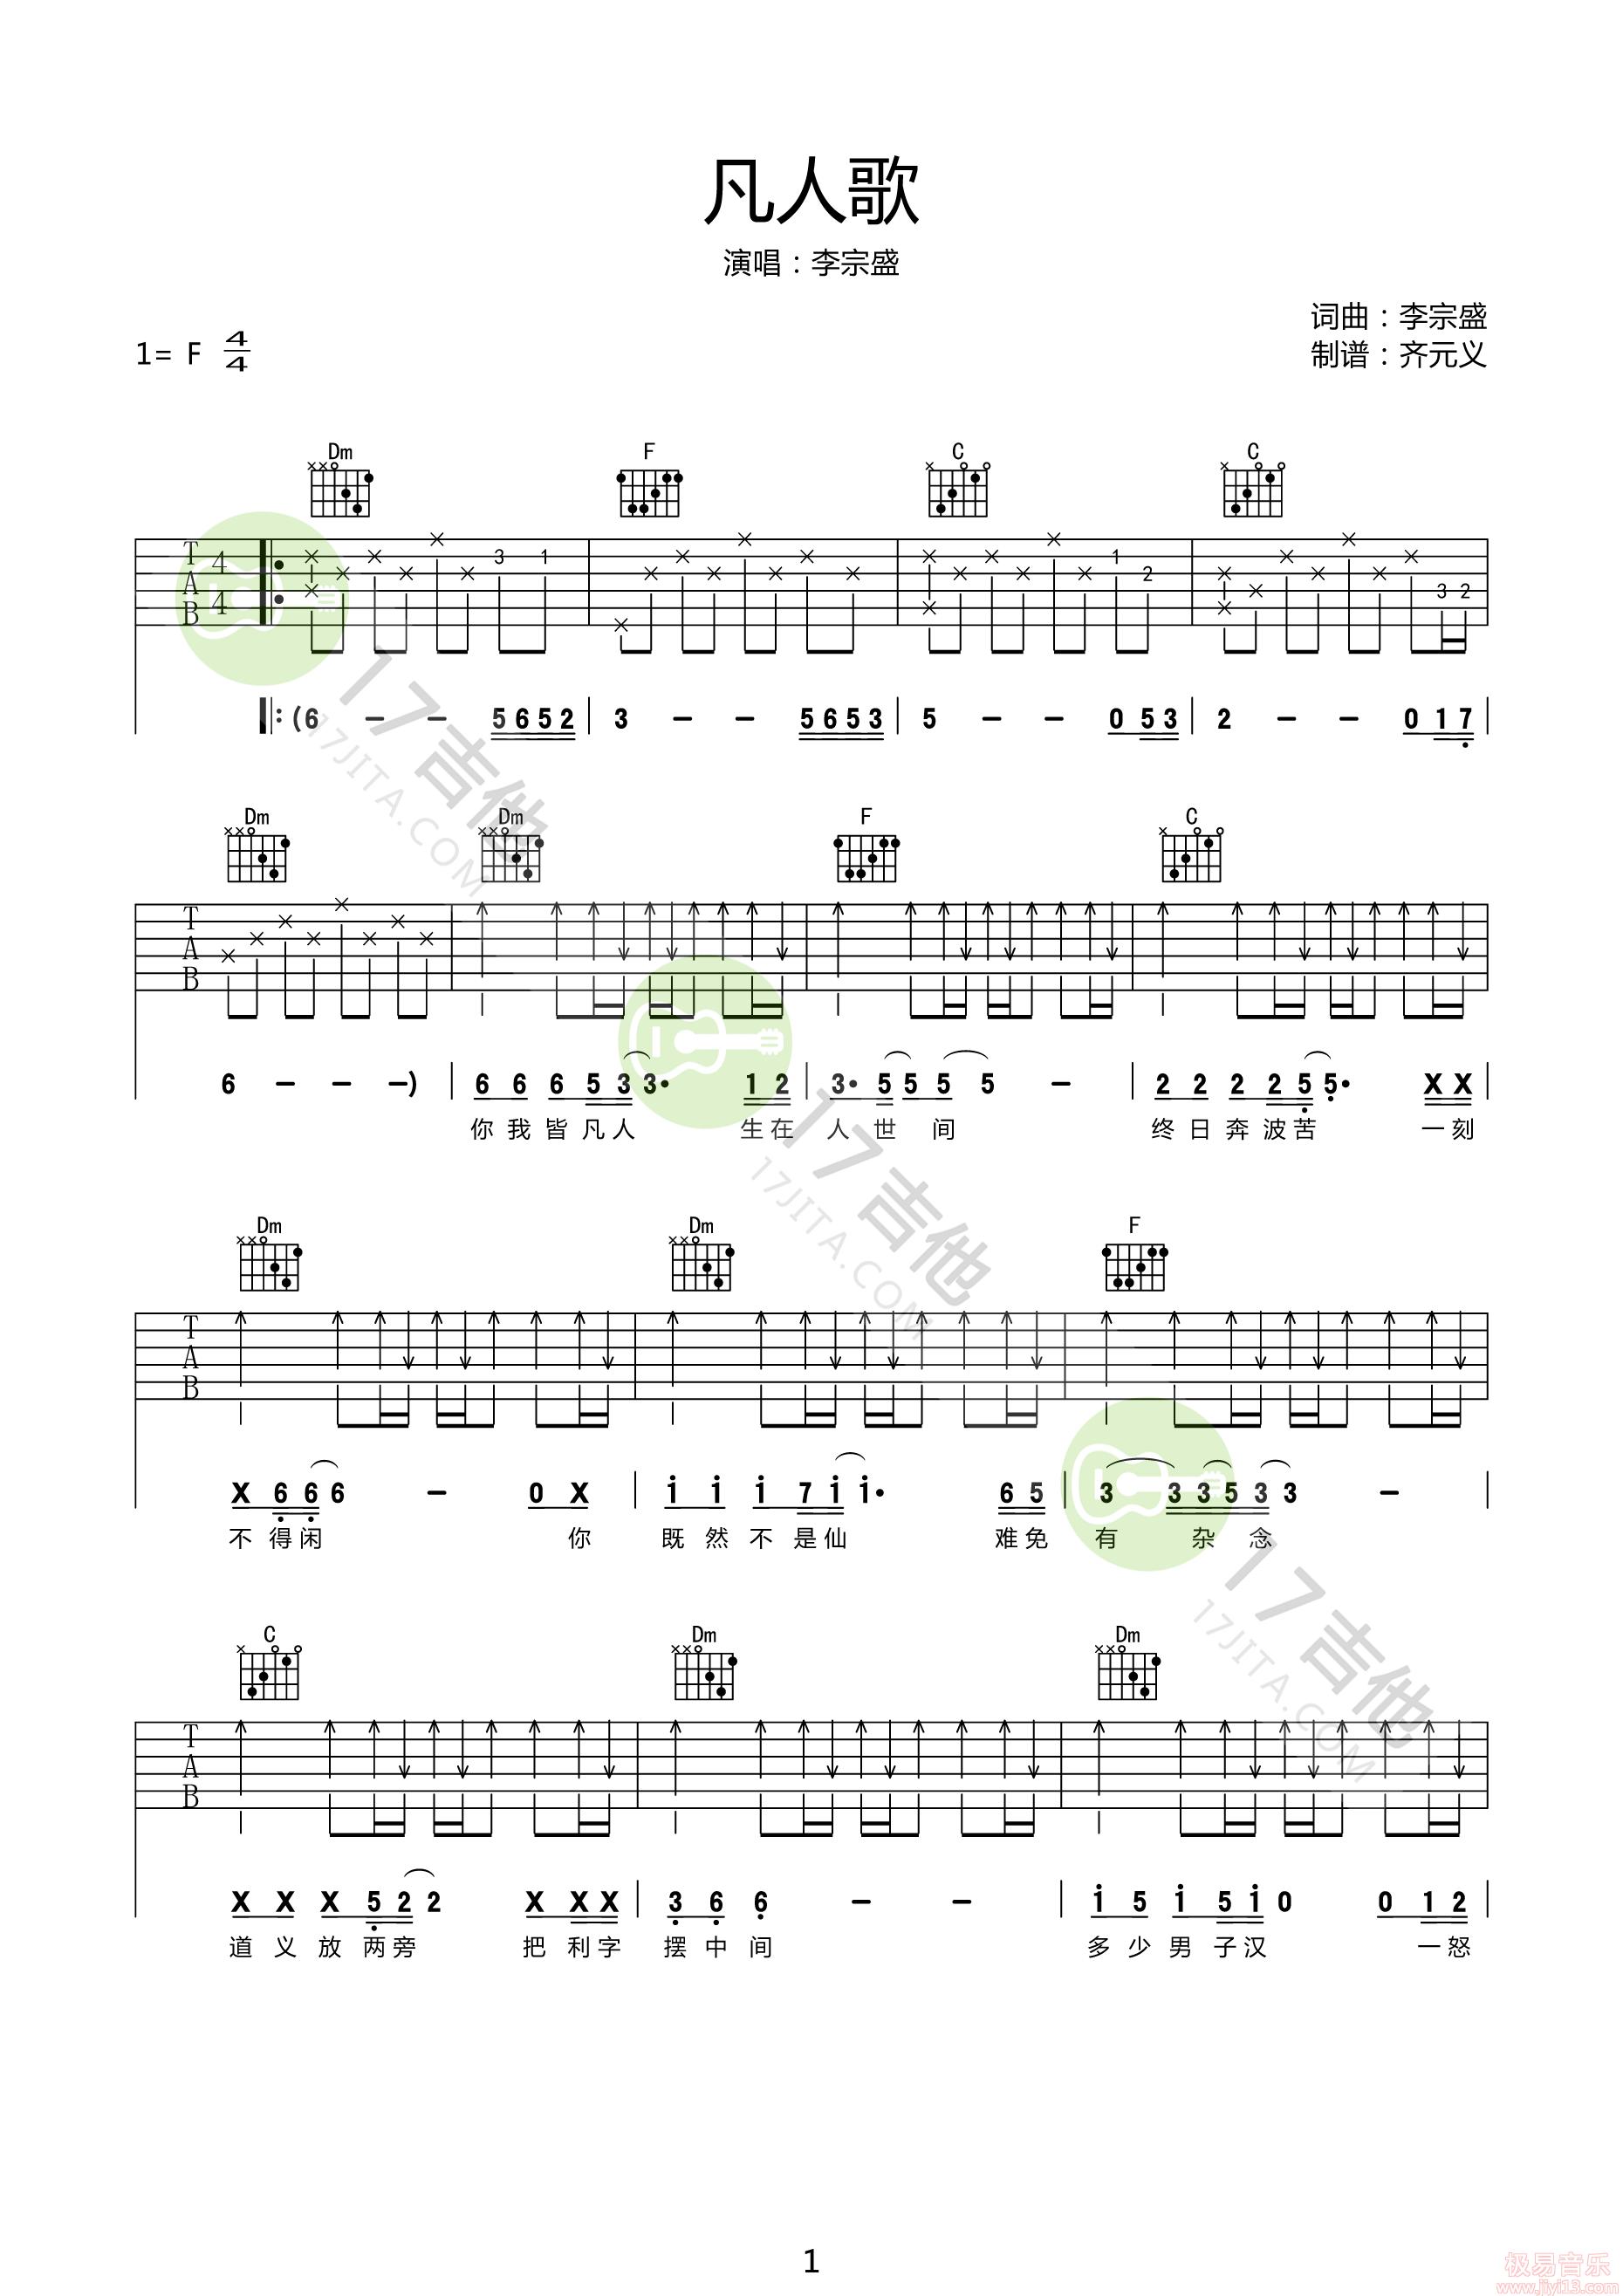 李宗盛《凡人歌》高清吉他弹唱谱F调我们宝贝原版编配+视频示范